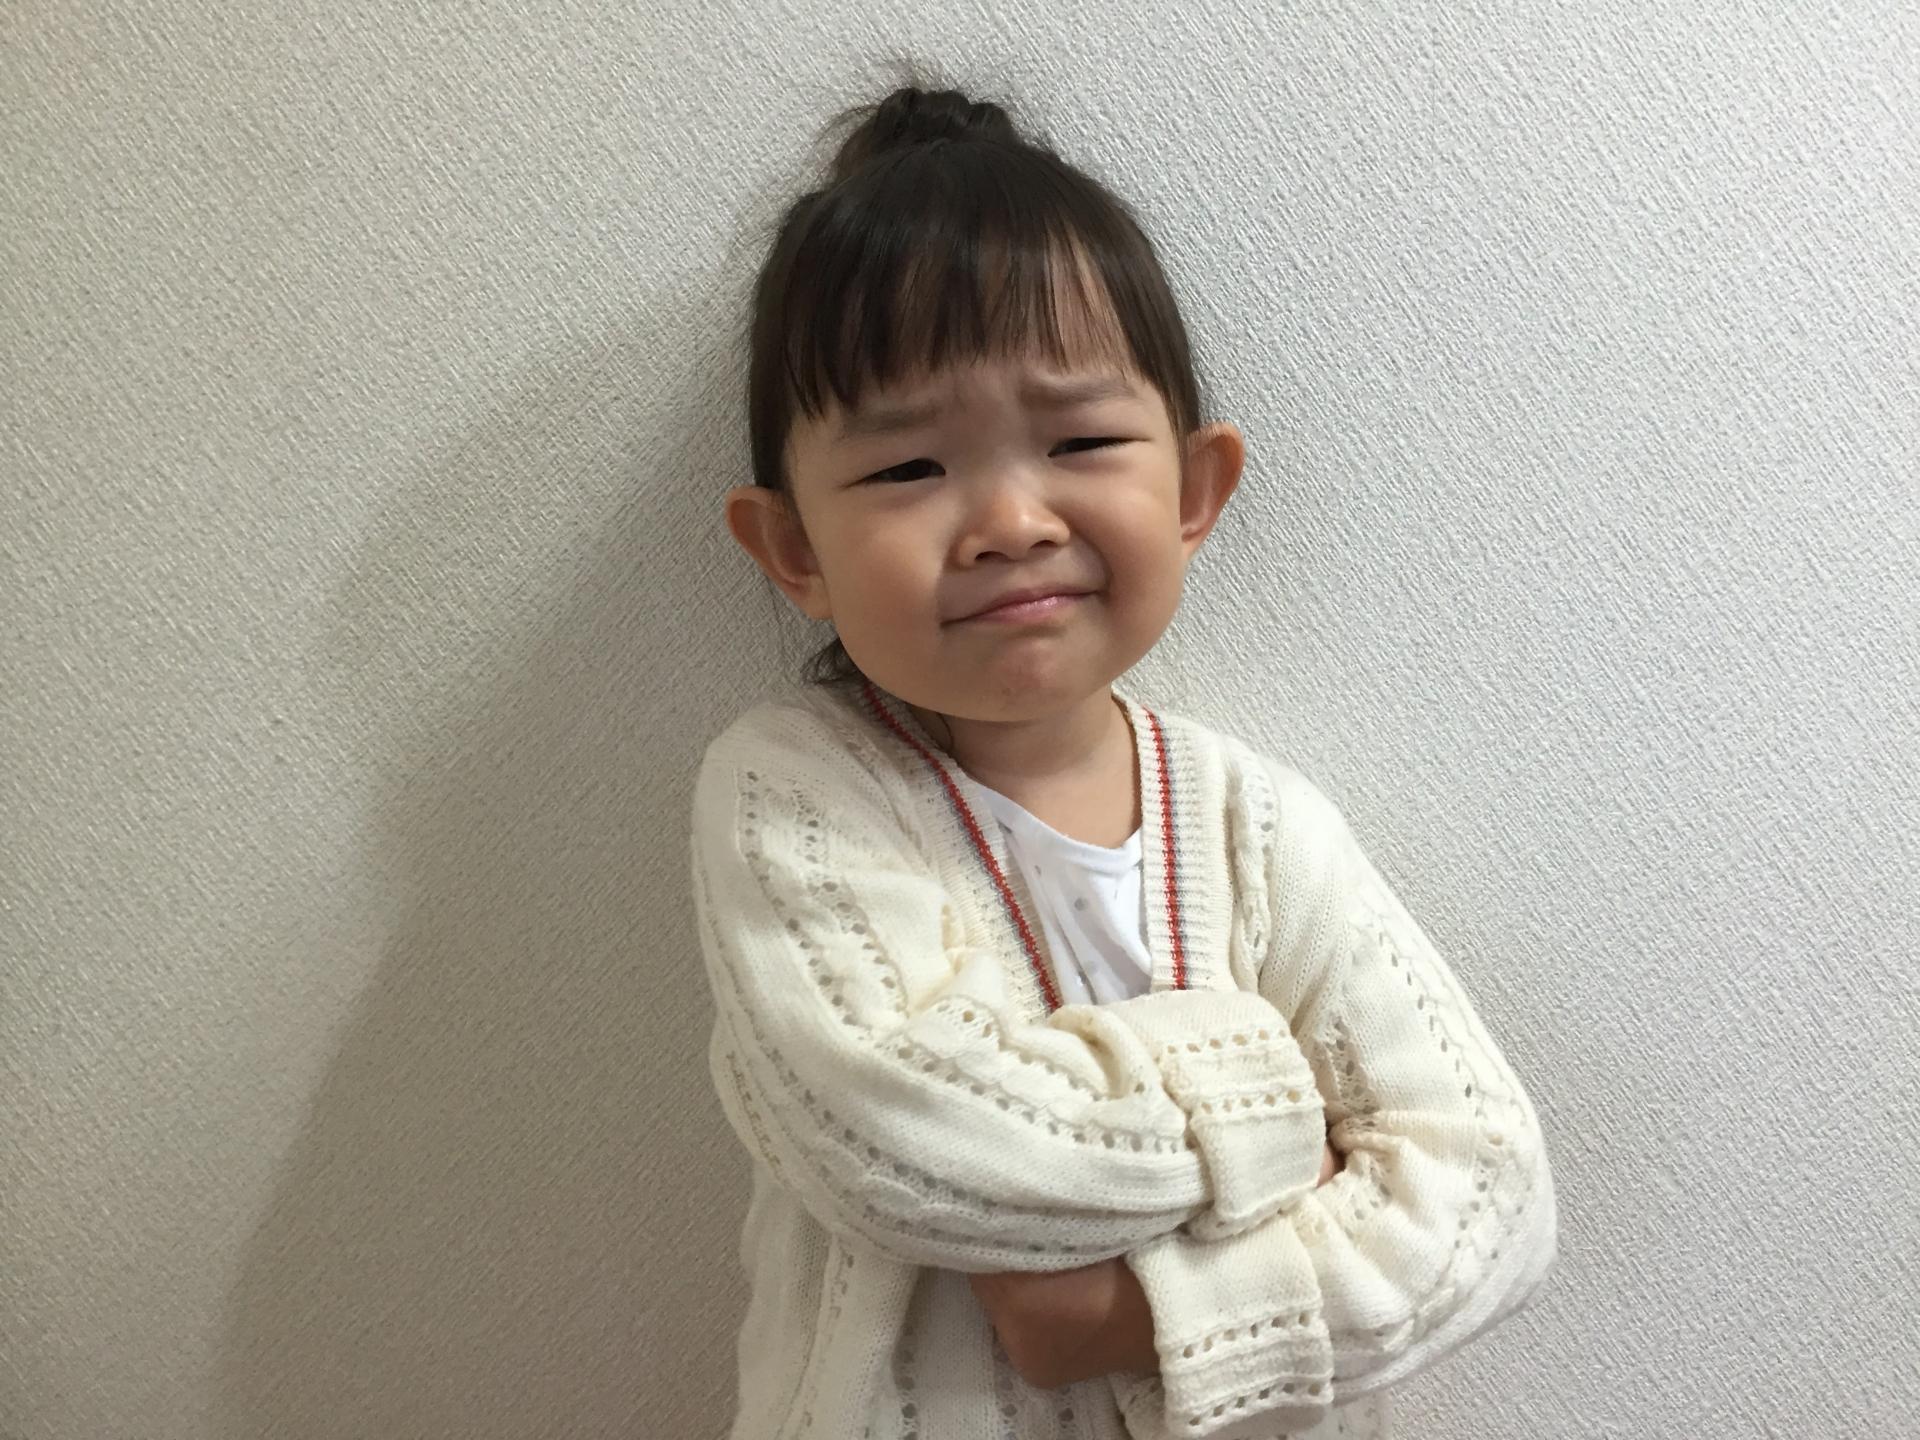 参観日に「親に来てほしくない!」と思われてしまう親の特徴と対処法